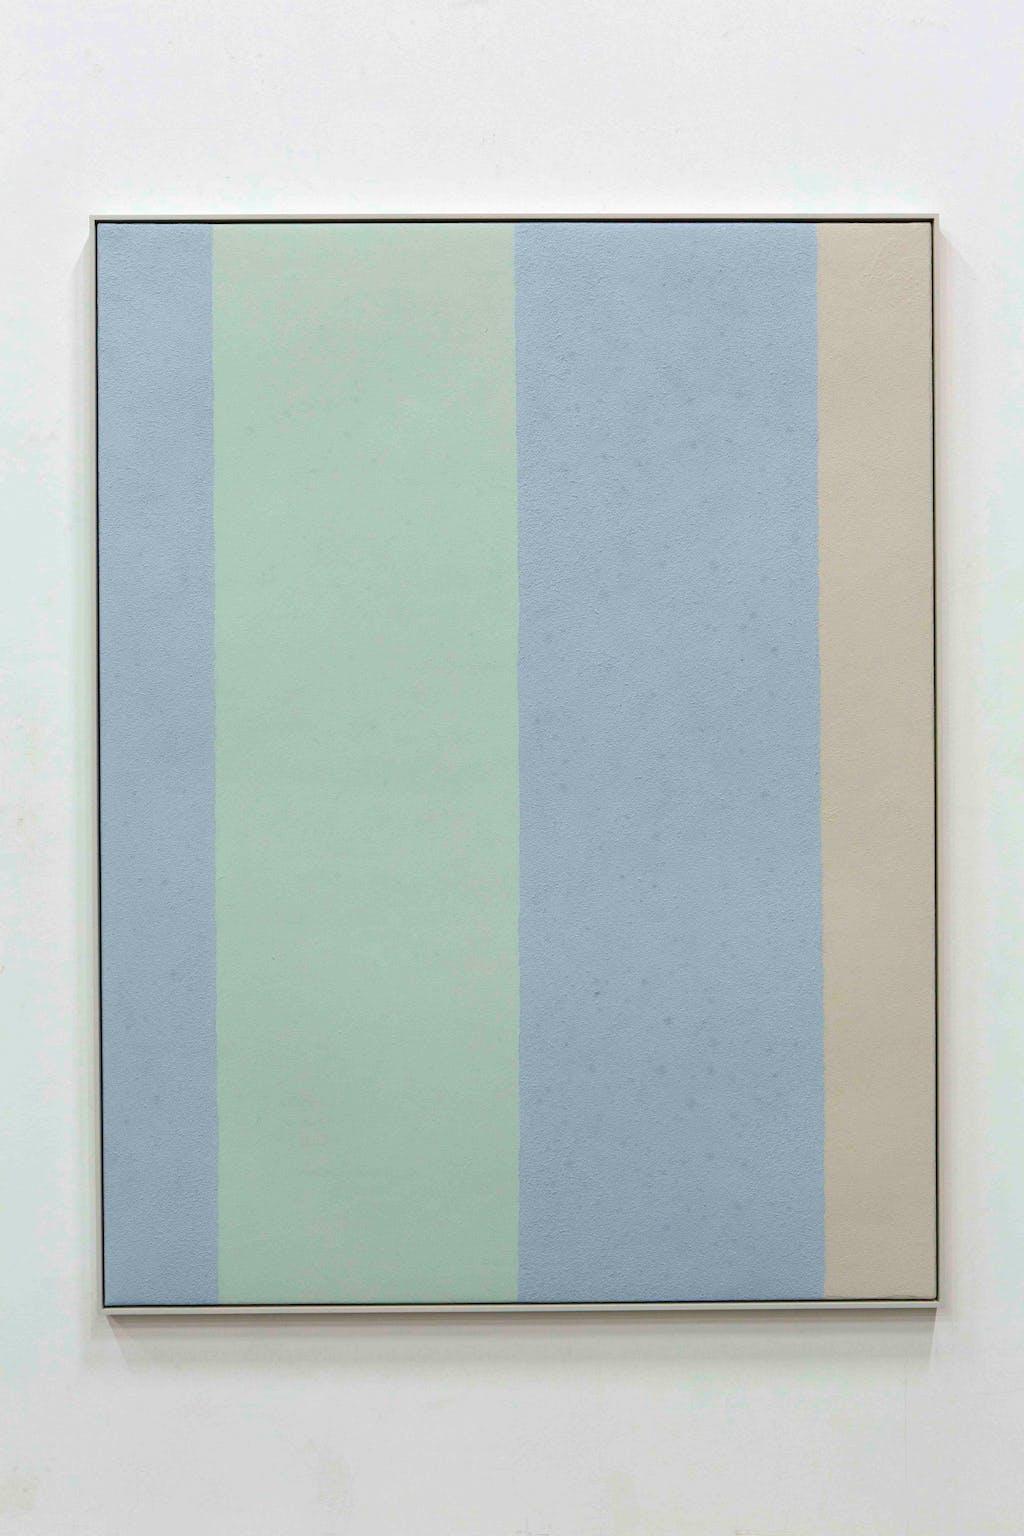 Untitled (20, 100, 20, 50) - © kamel mennour